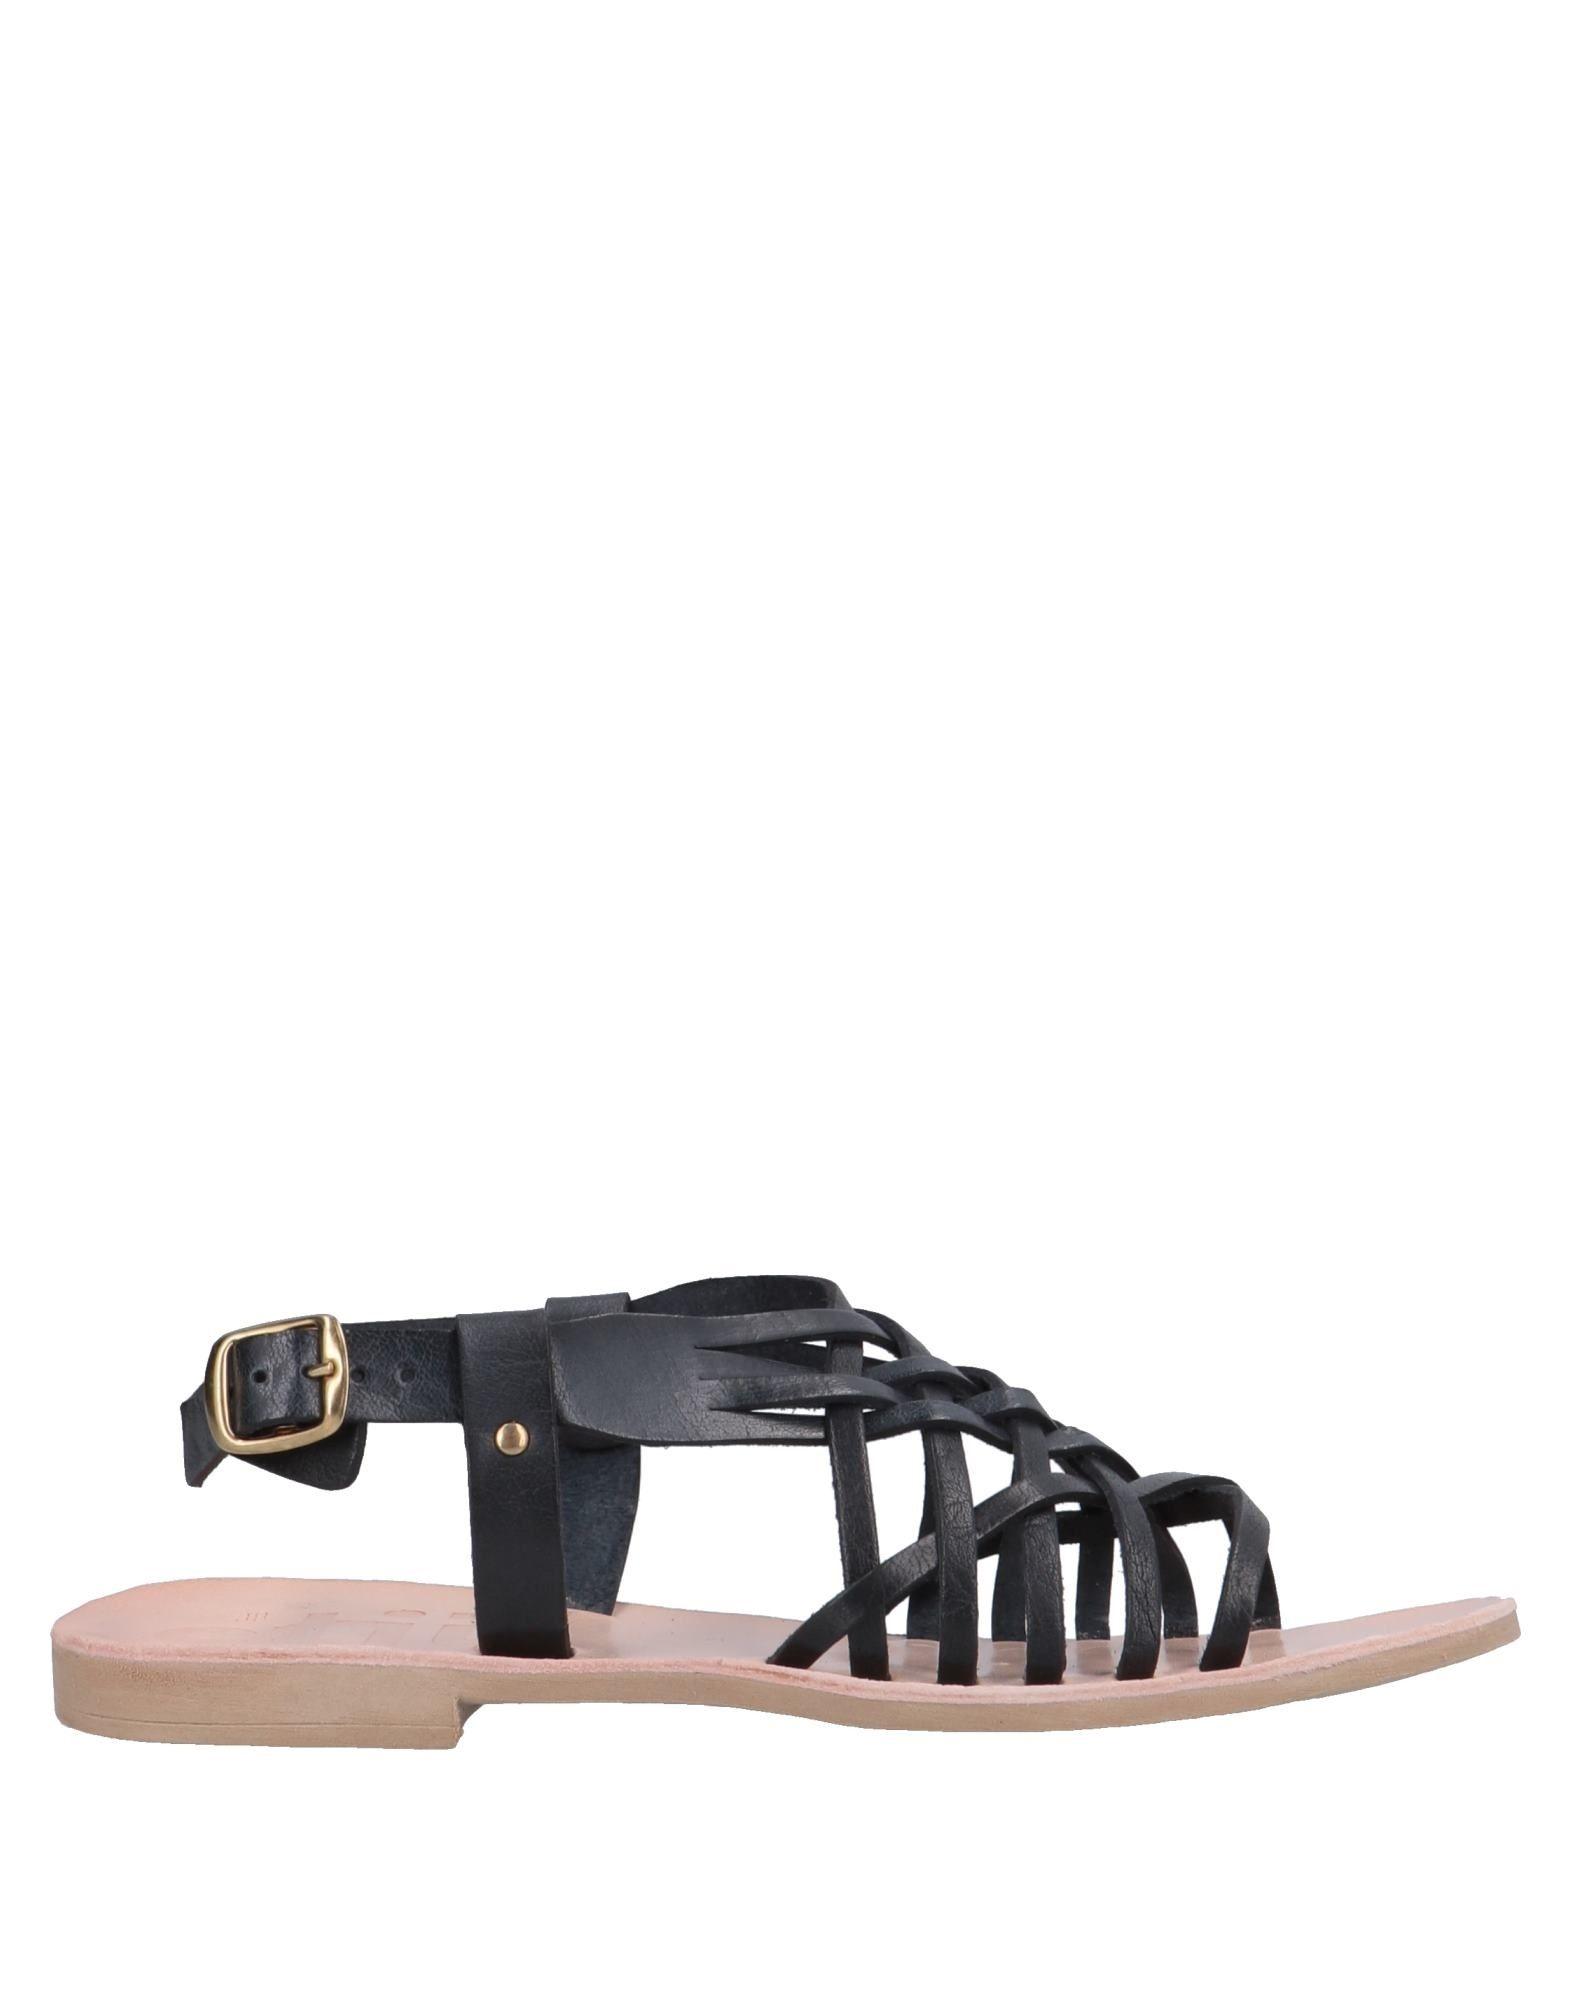 Stiù Sandals - Women Sandals Stiù Sandals Women online on  Canada - 11563495TJ 888c36